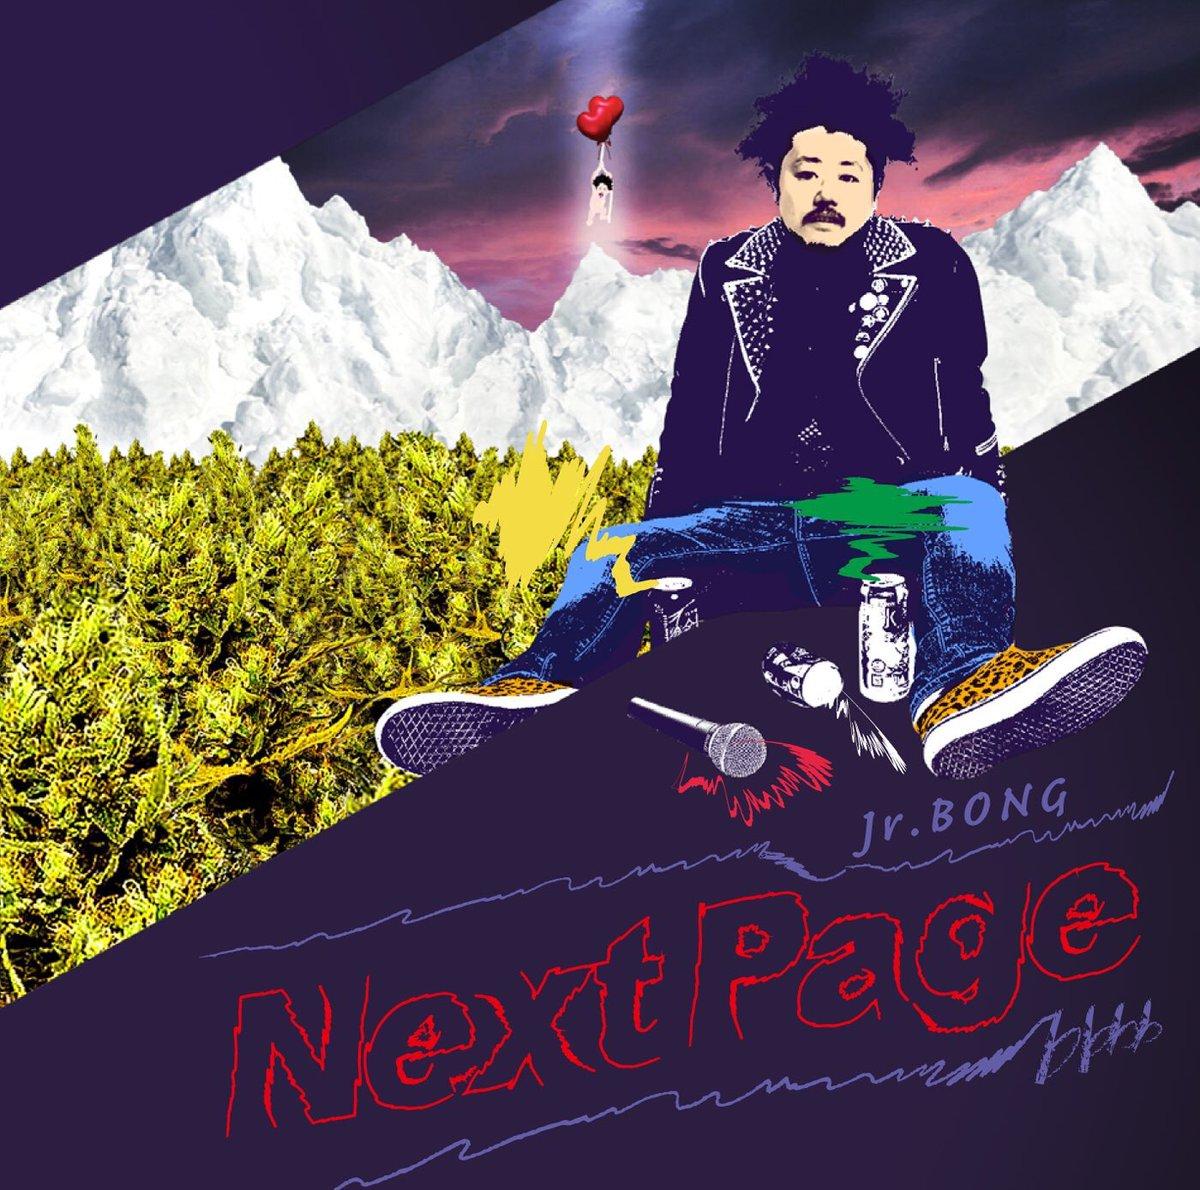 「NEXT PAGE」Jr. BONG 2,700円(税込)